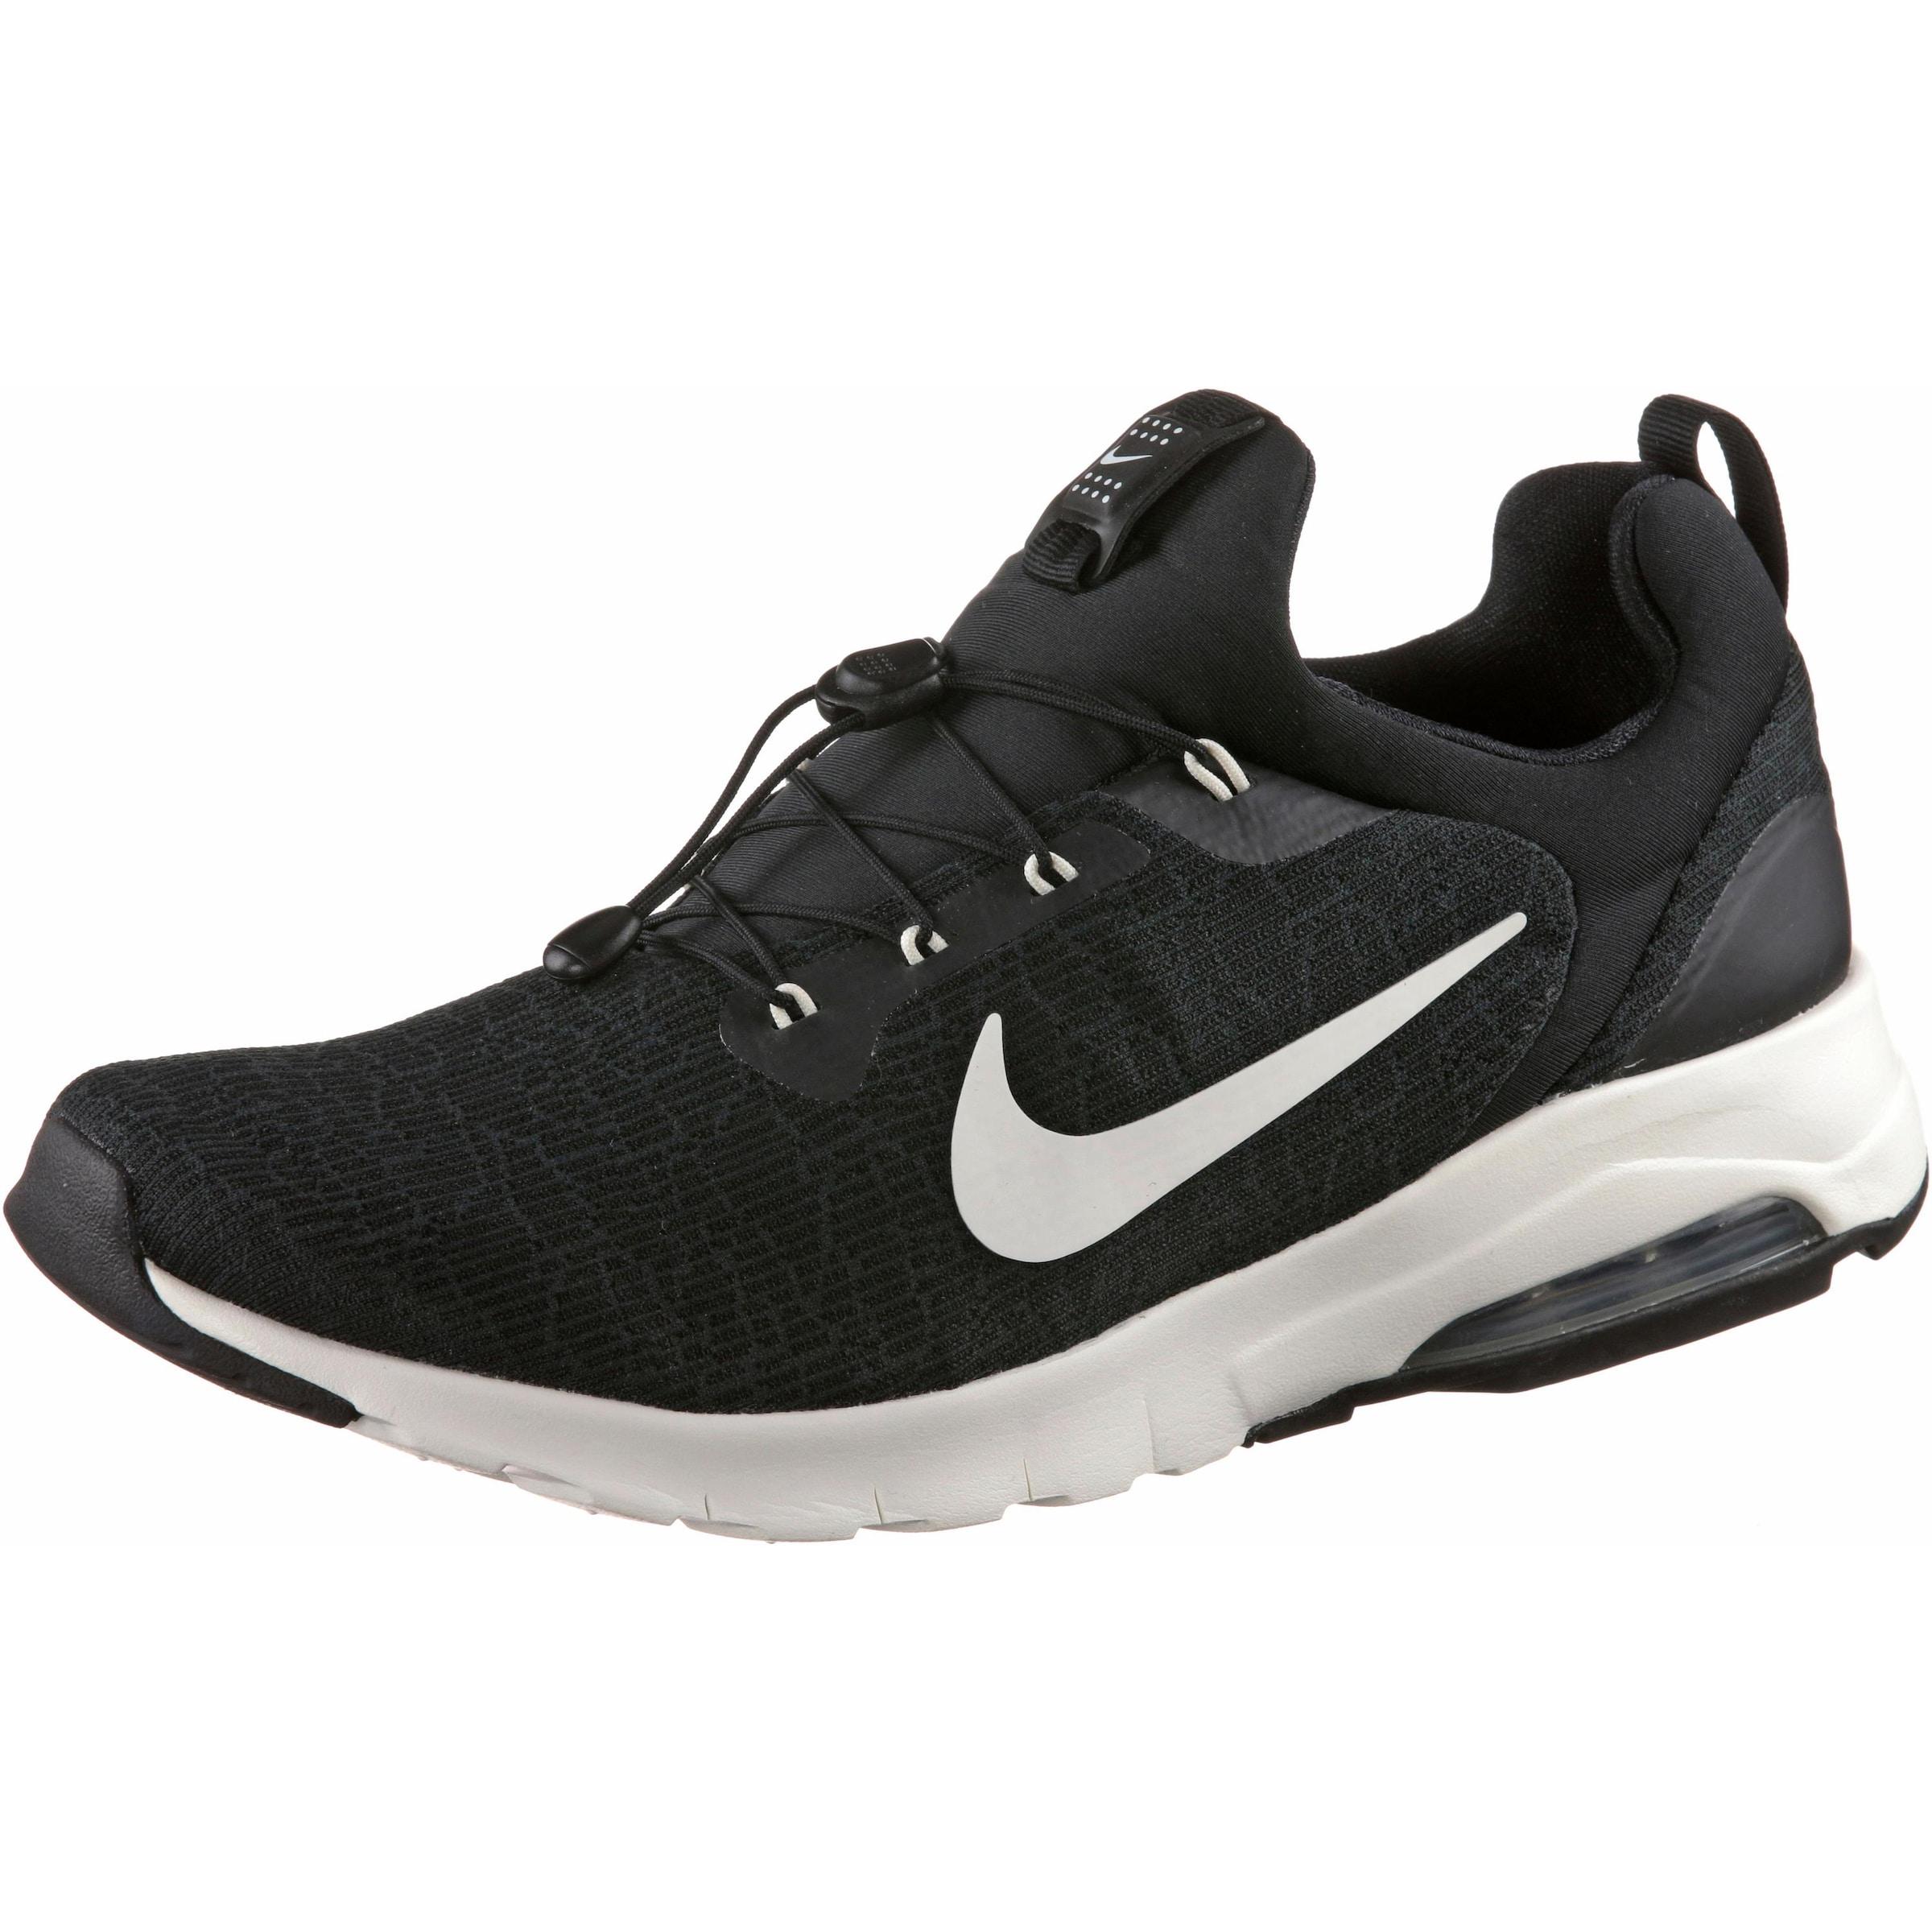 Nike Sportswear  MOTION MOTION  RACER  Sneaker 245bdb